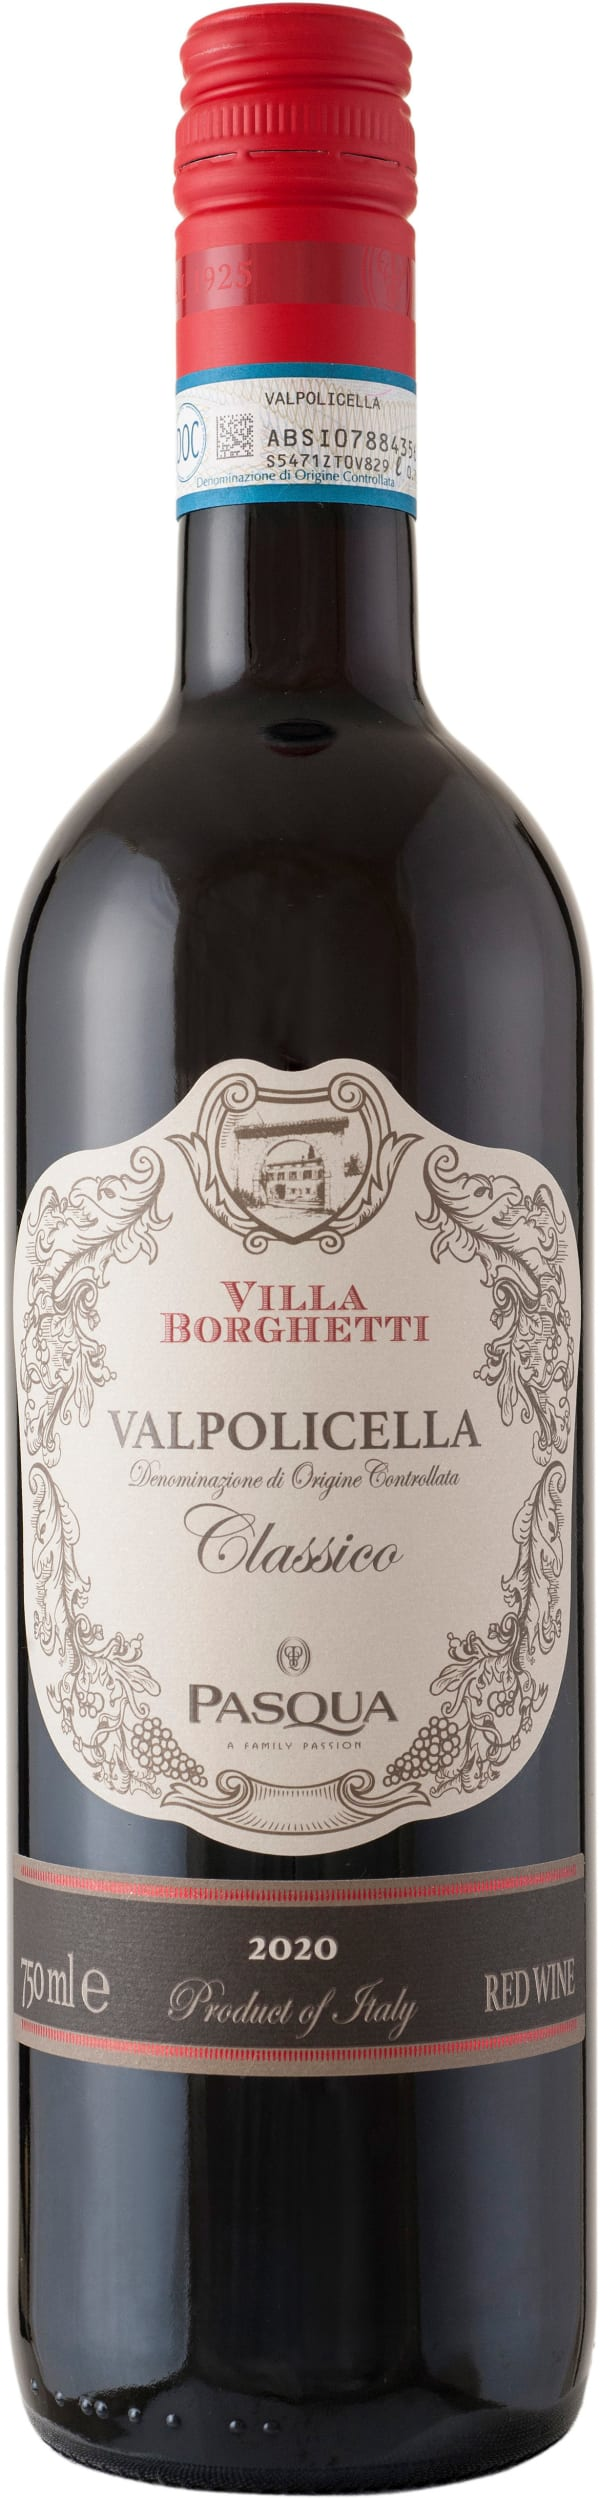 Pasqua Villa Borghetti Valpolicella Classico 2020